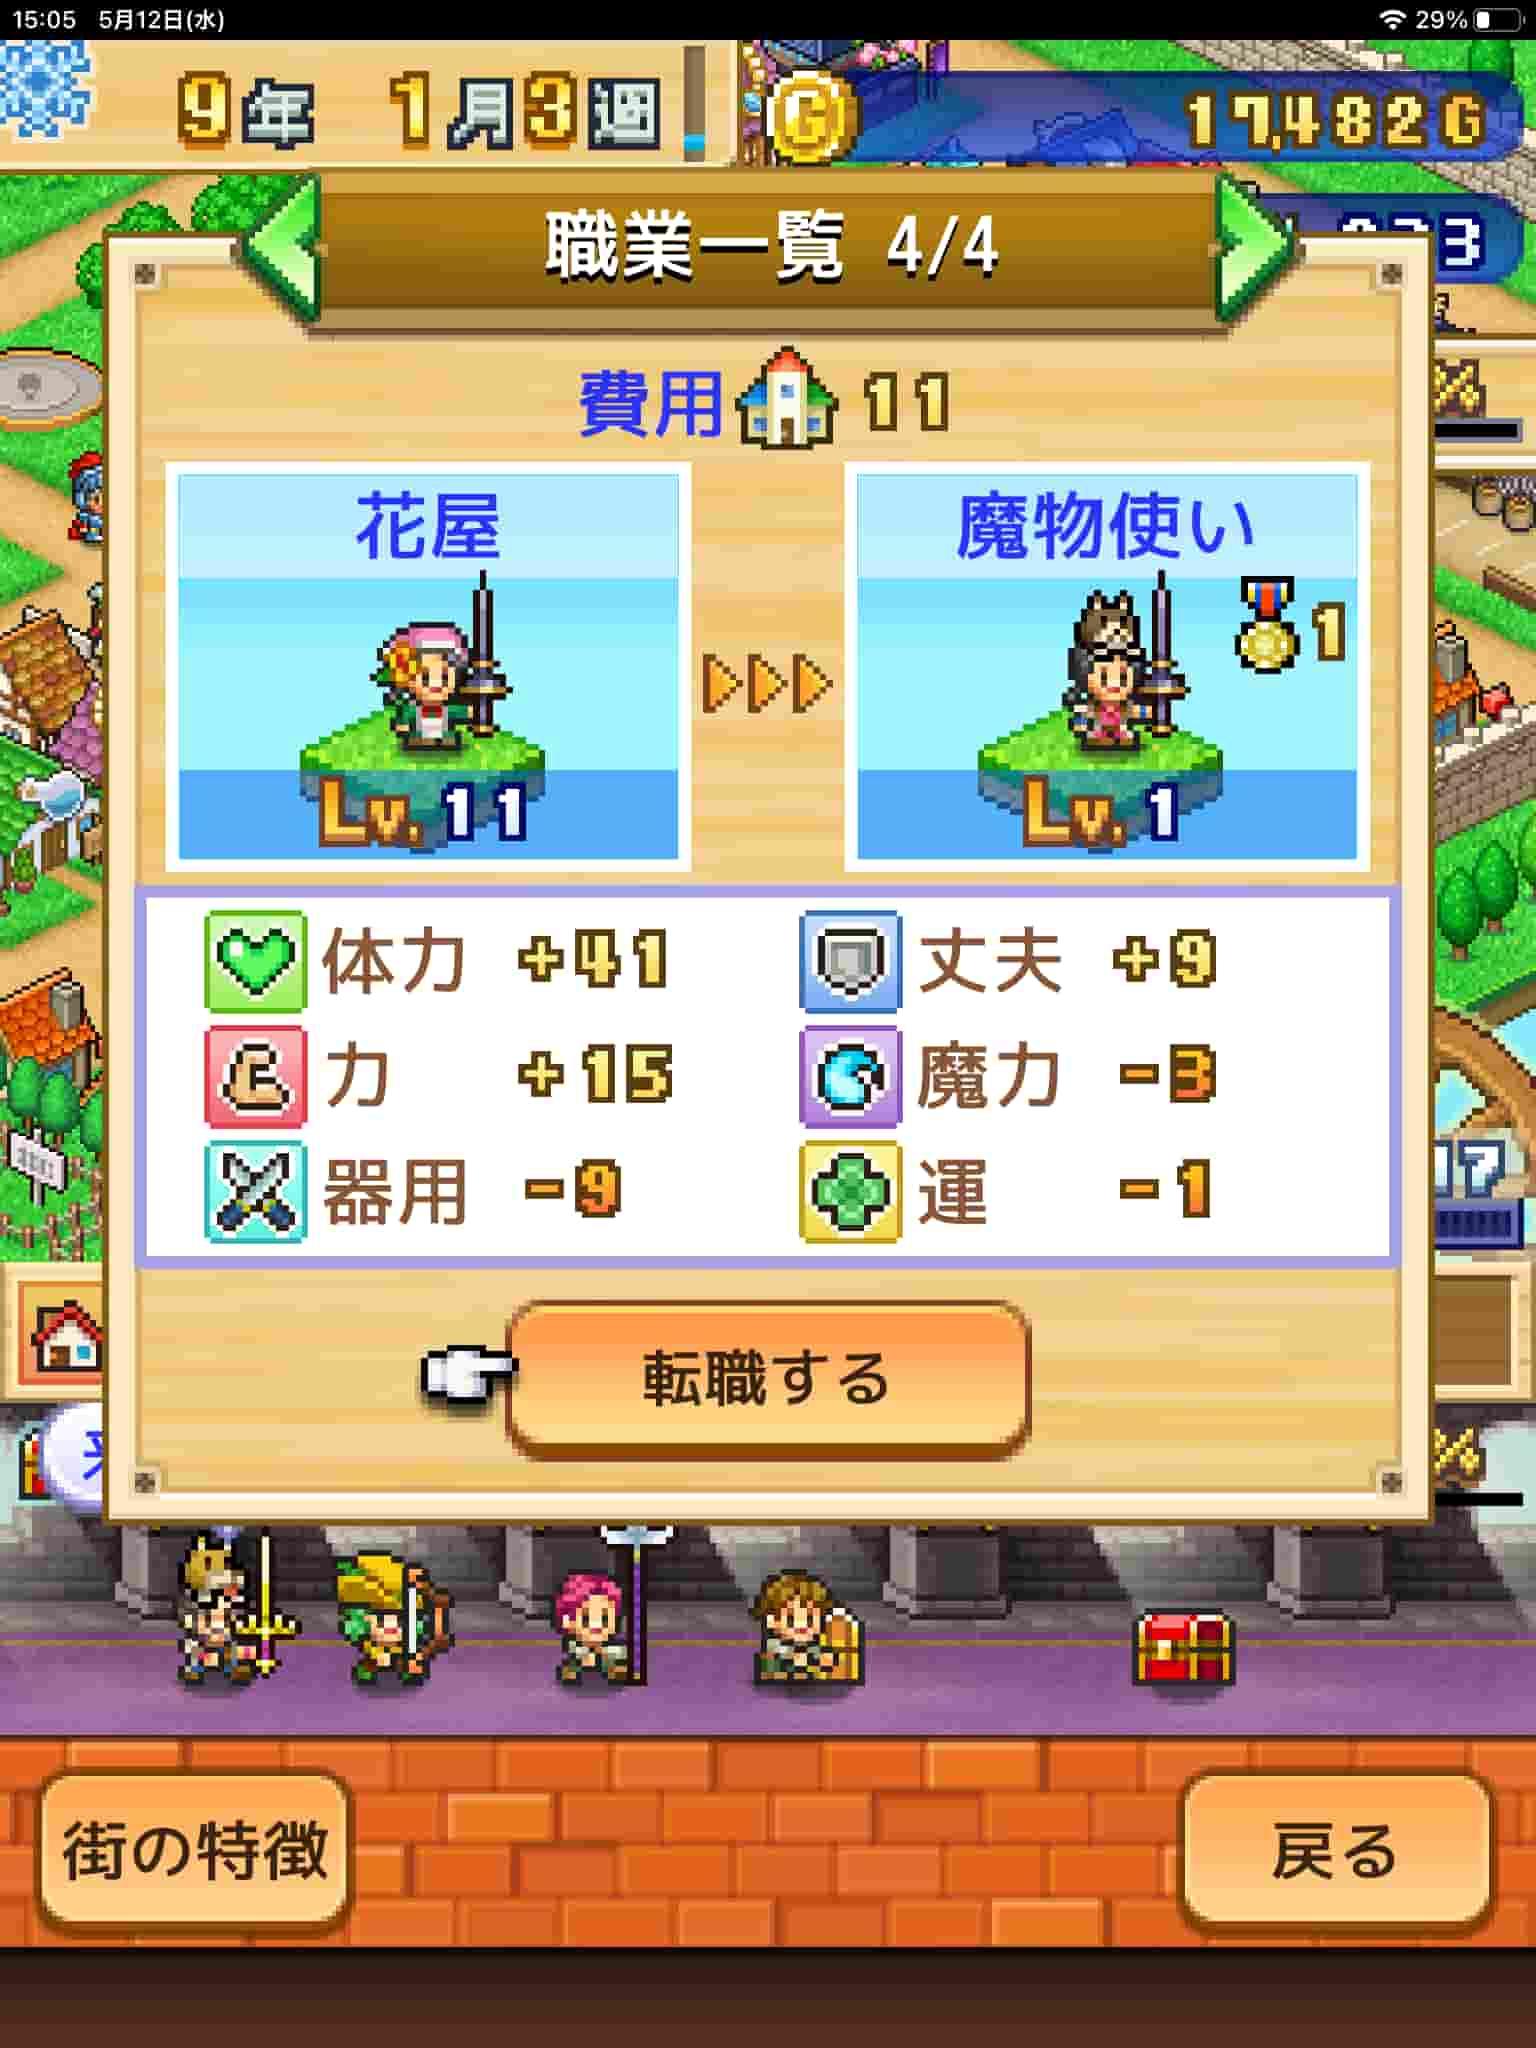 冒険ダンジョン村2、やり込み要素満載